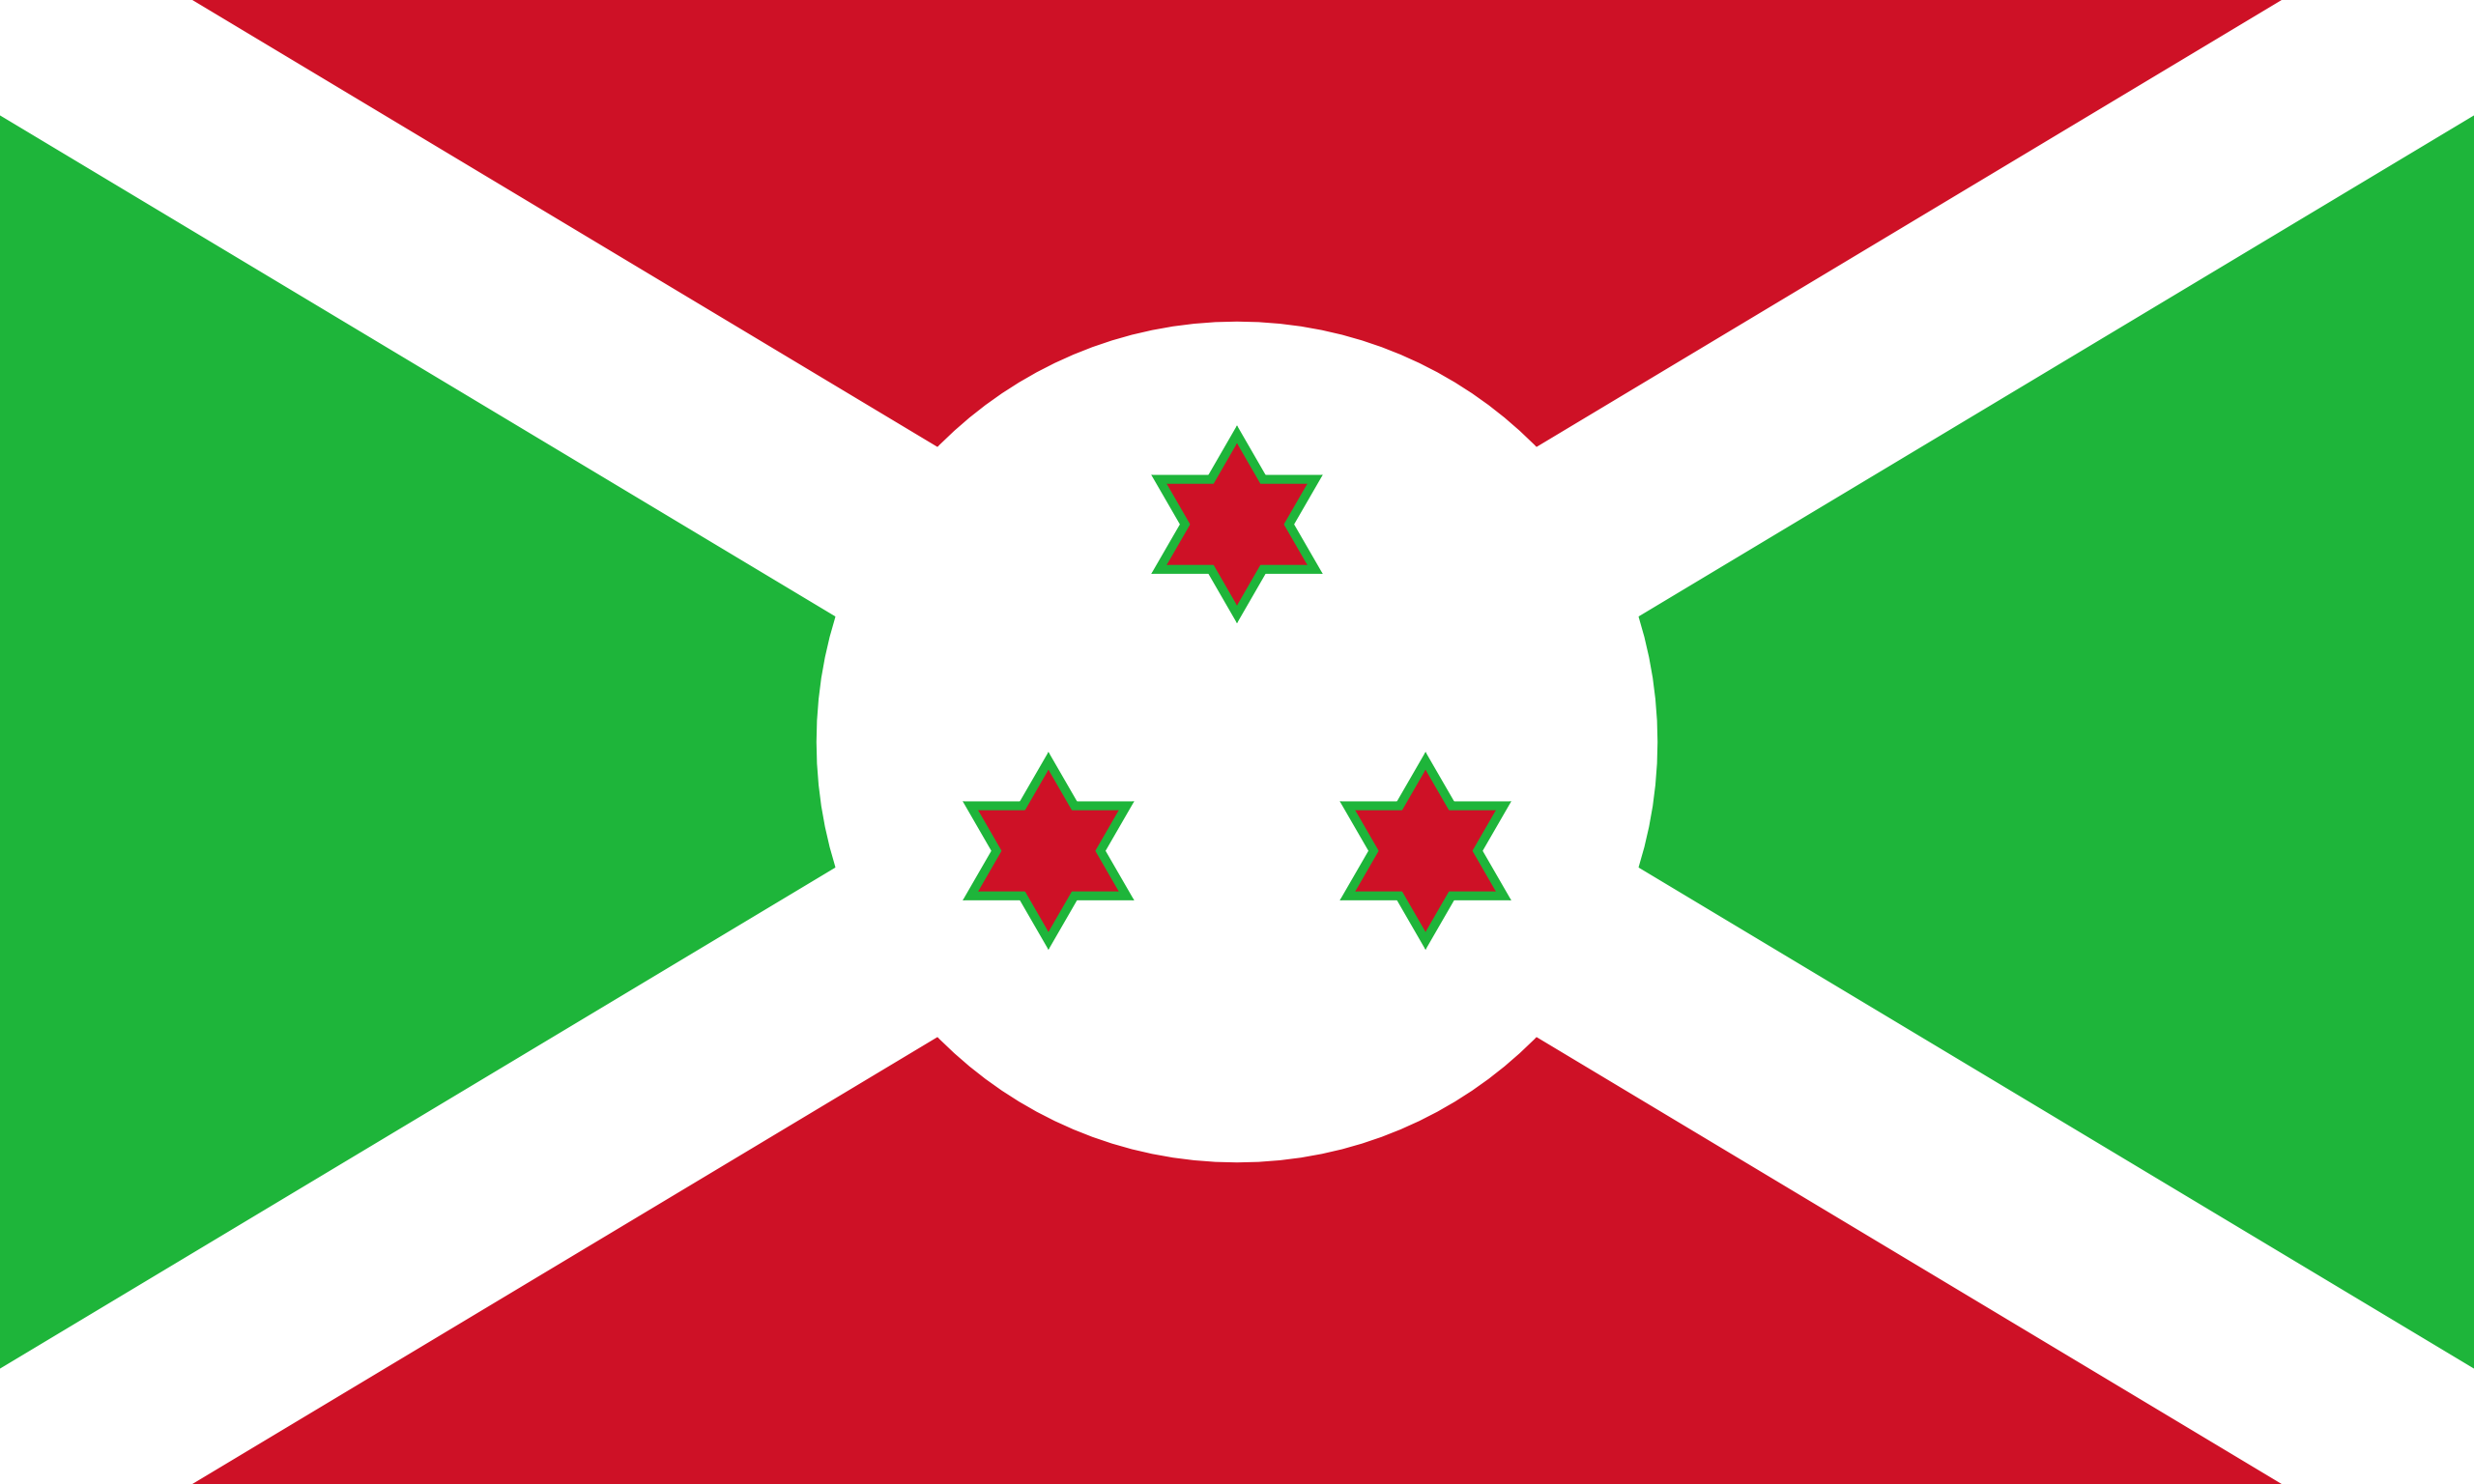 Burundi, pays, emblème, logo, symbole - Fonds d'écran HD - Professor-falken.com